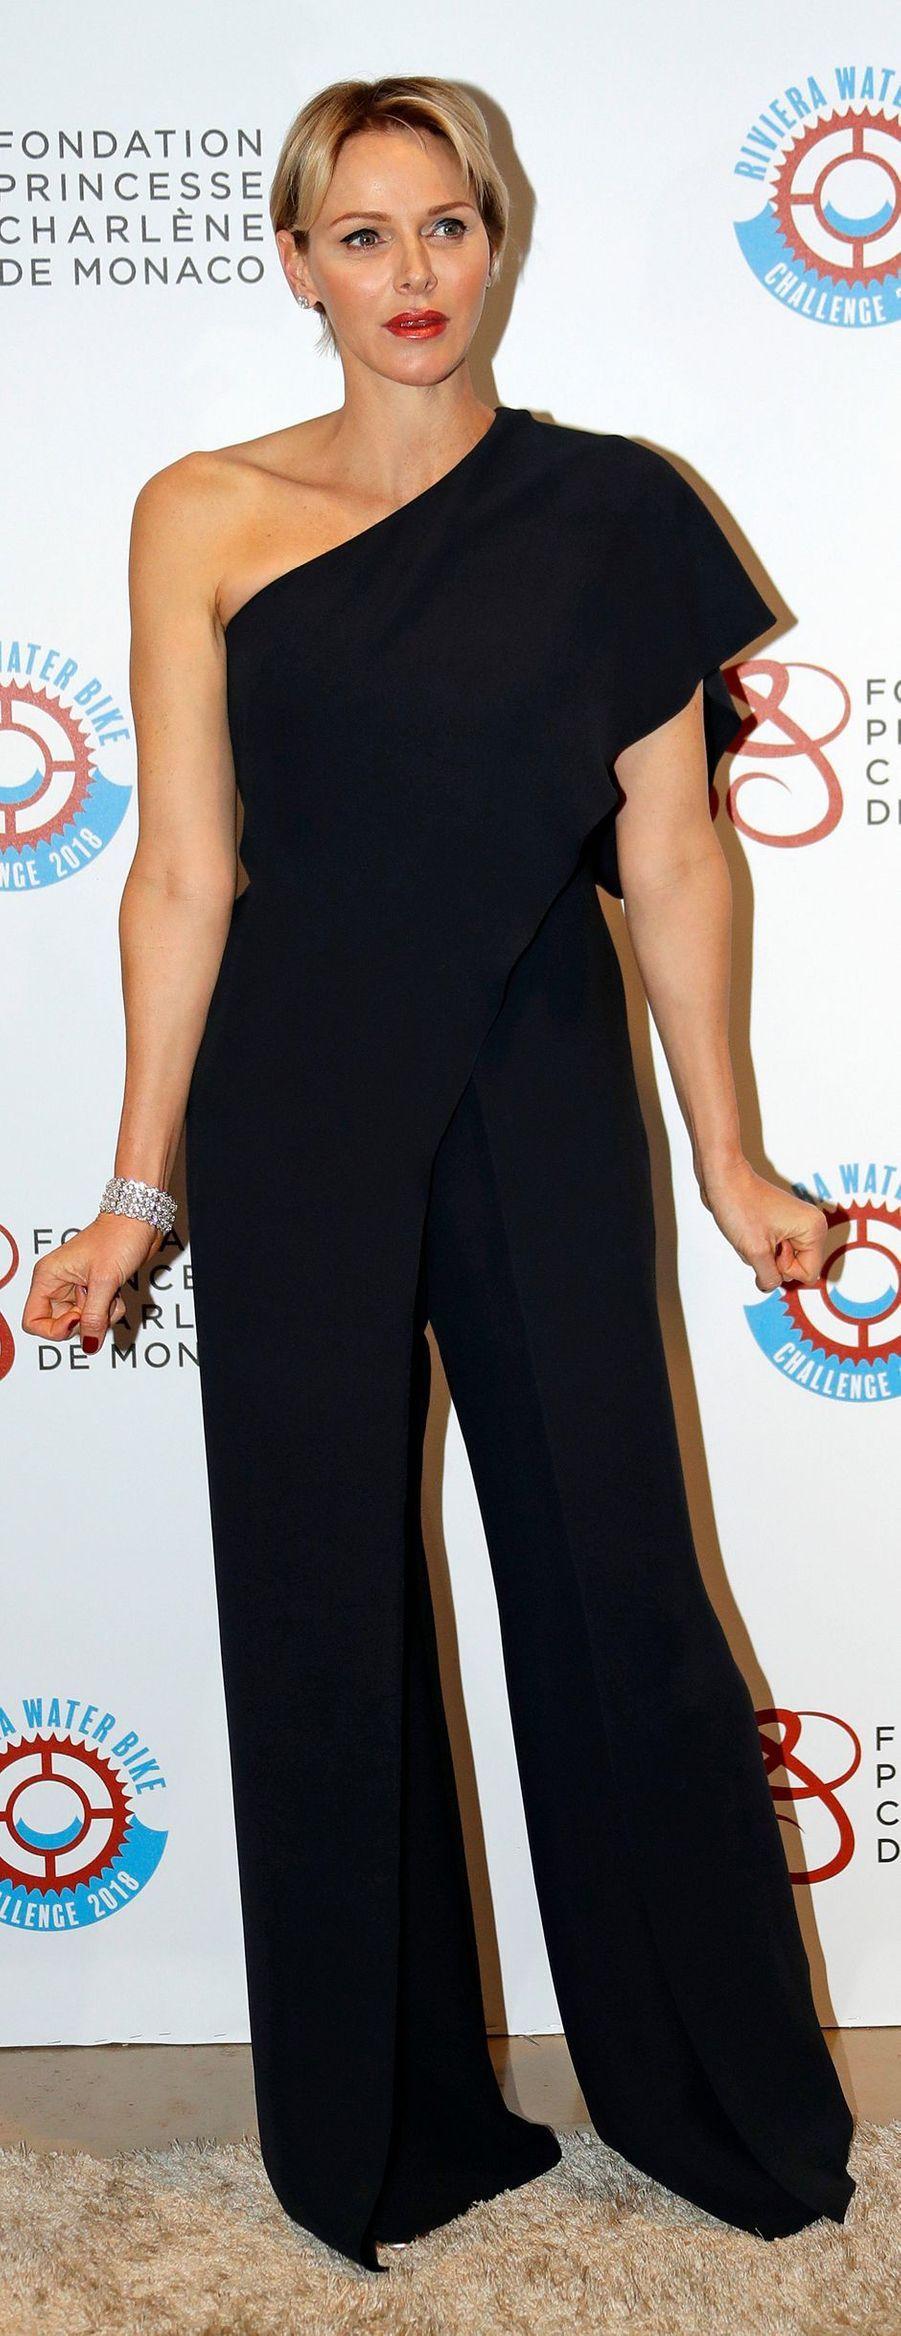 La princesse Charlène de Monaco en Ralph Lauren, le 14 avril 2018